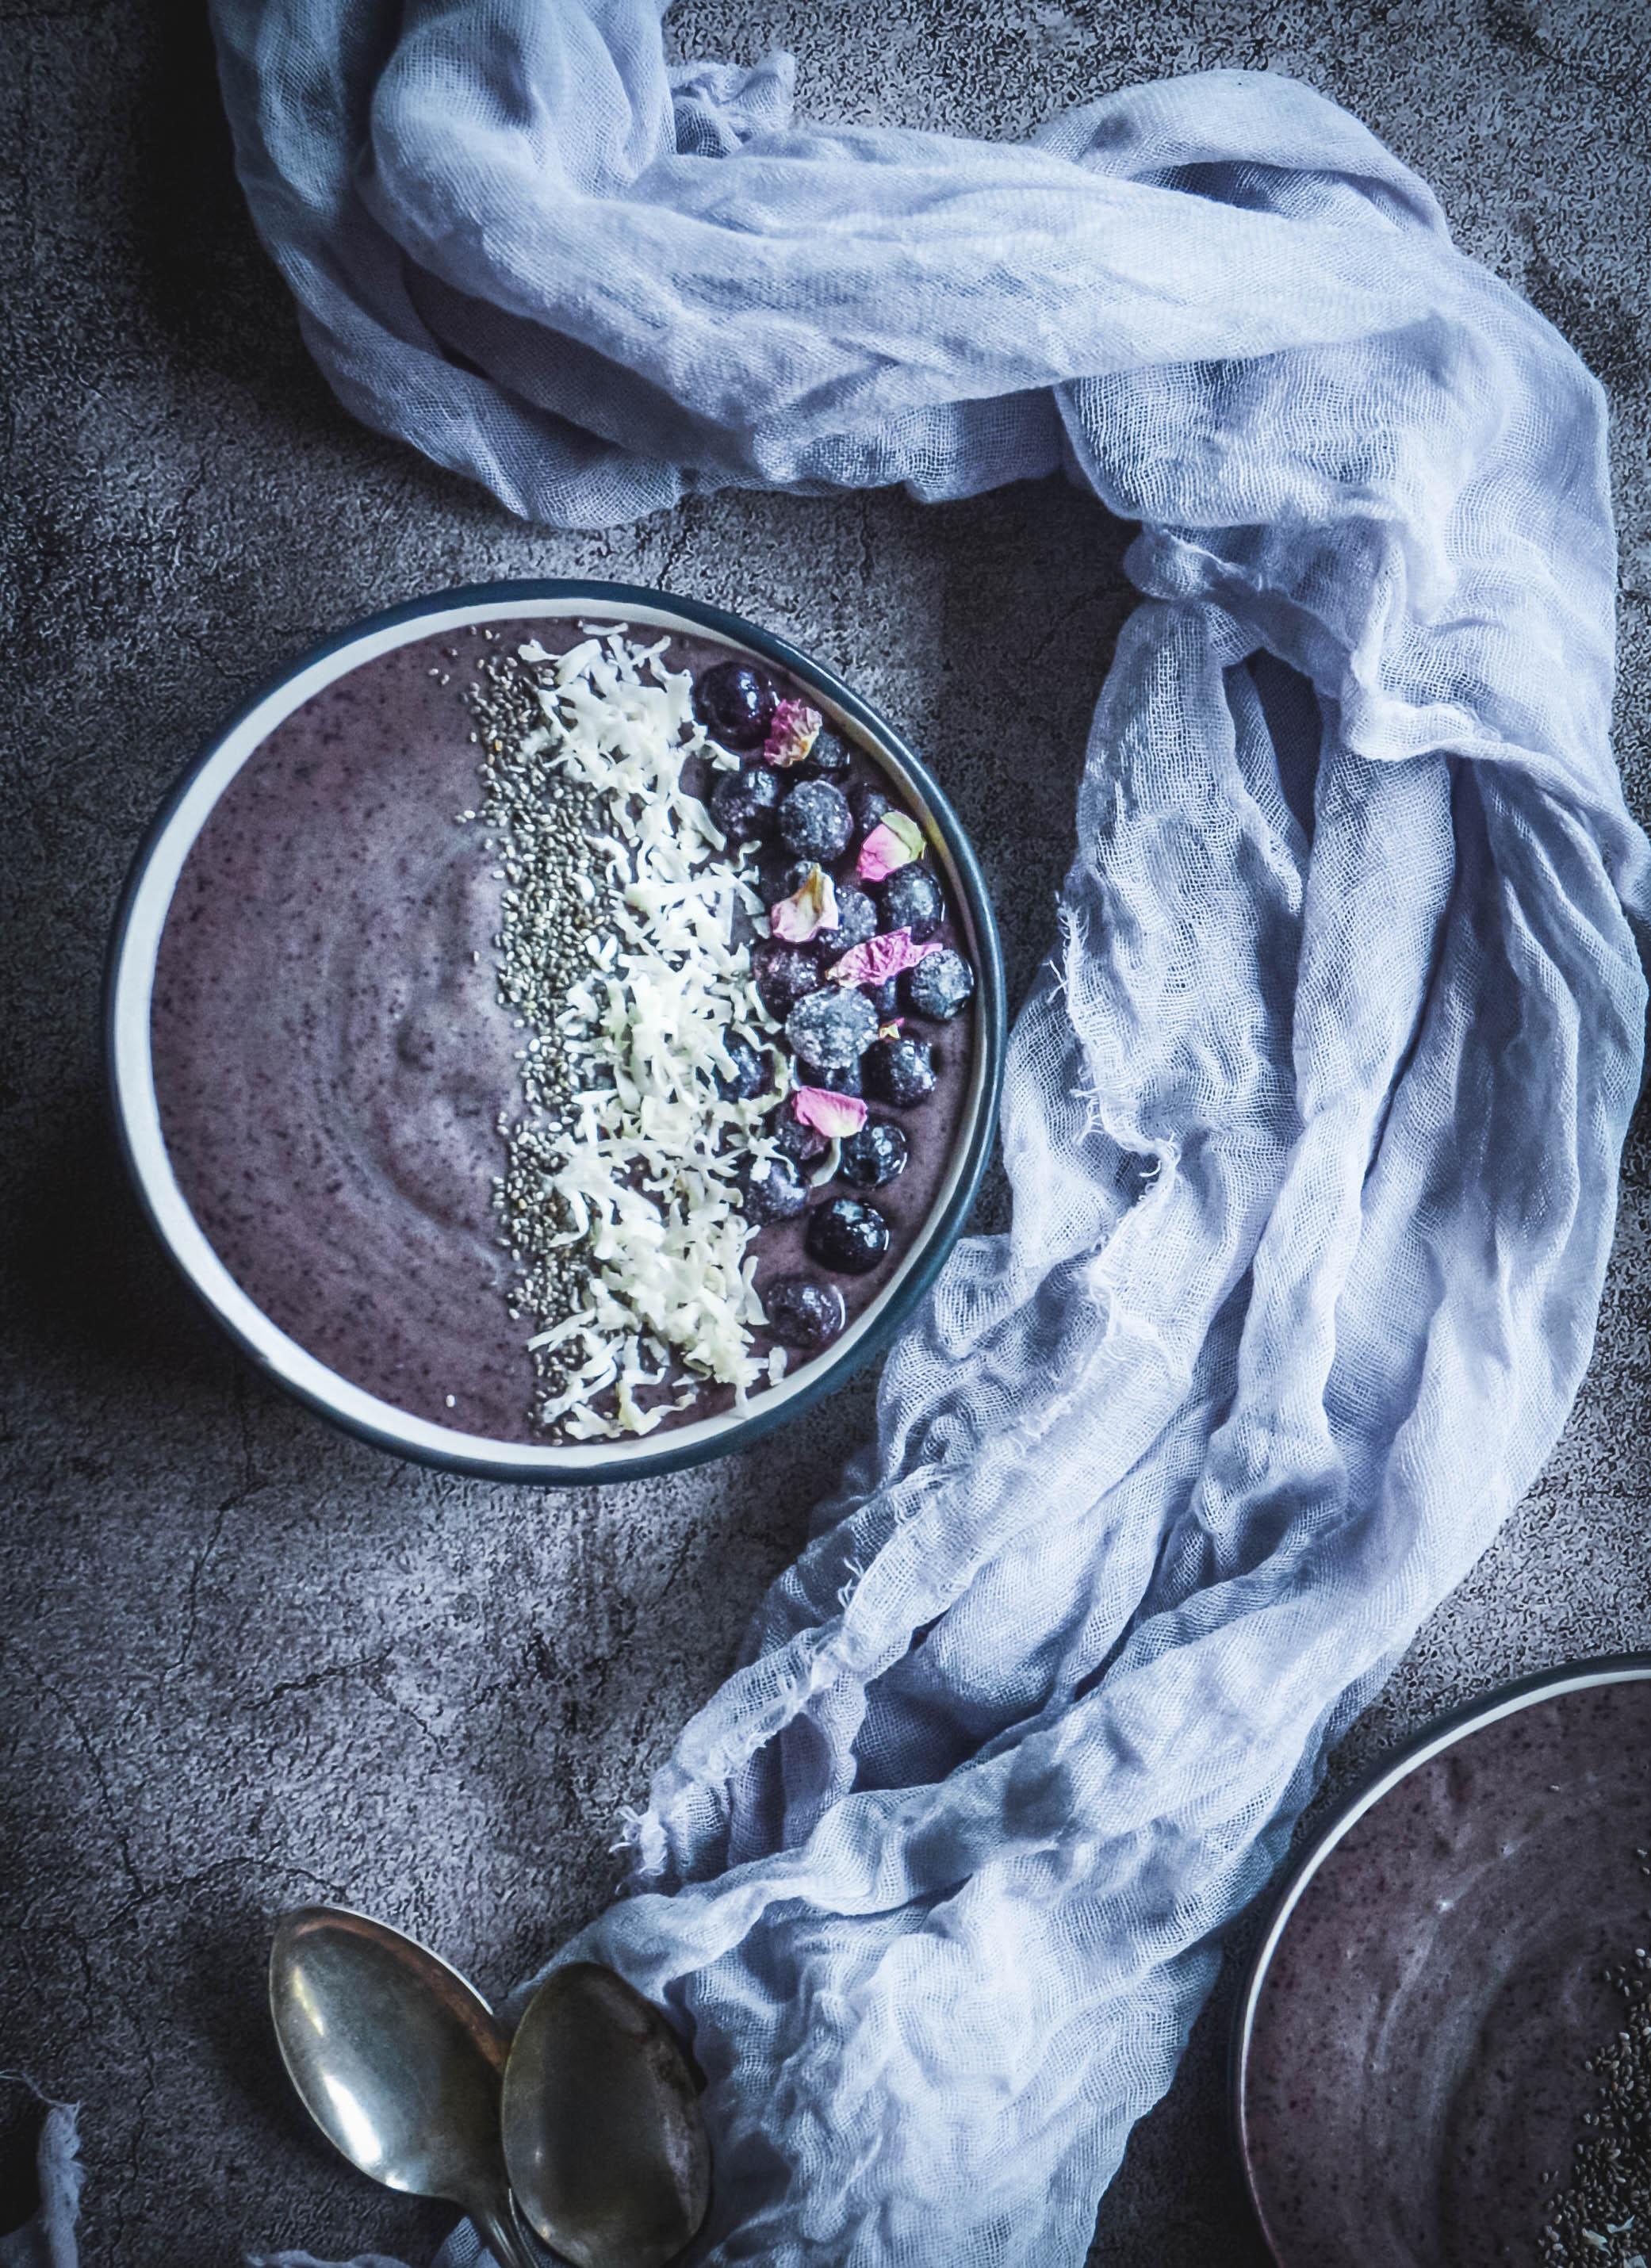 Smoothie bowl with frozen blueberries, napkin, spoon